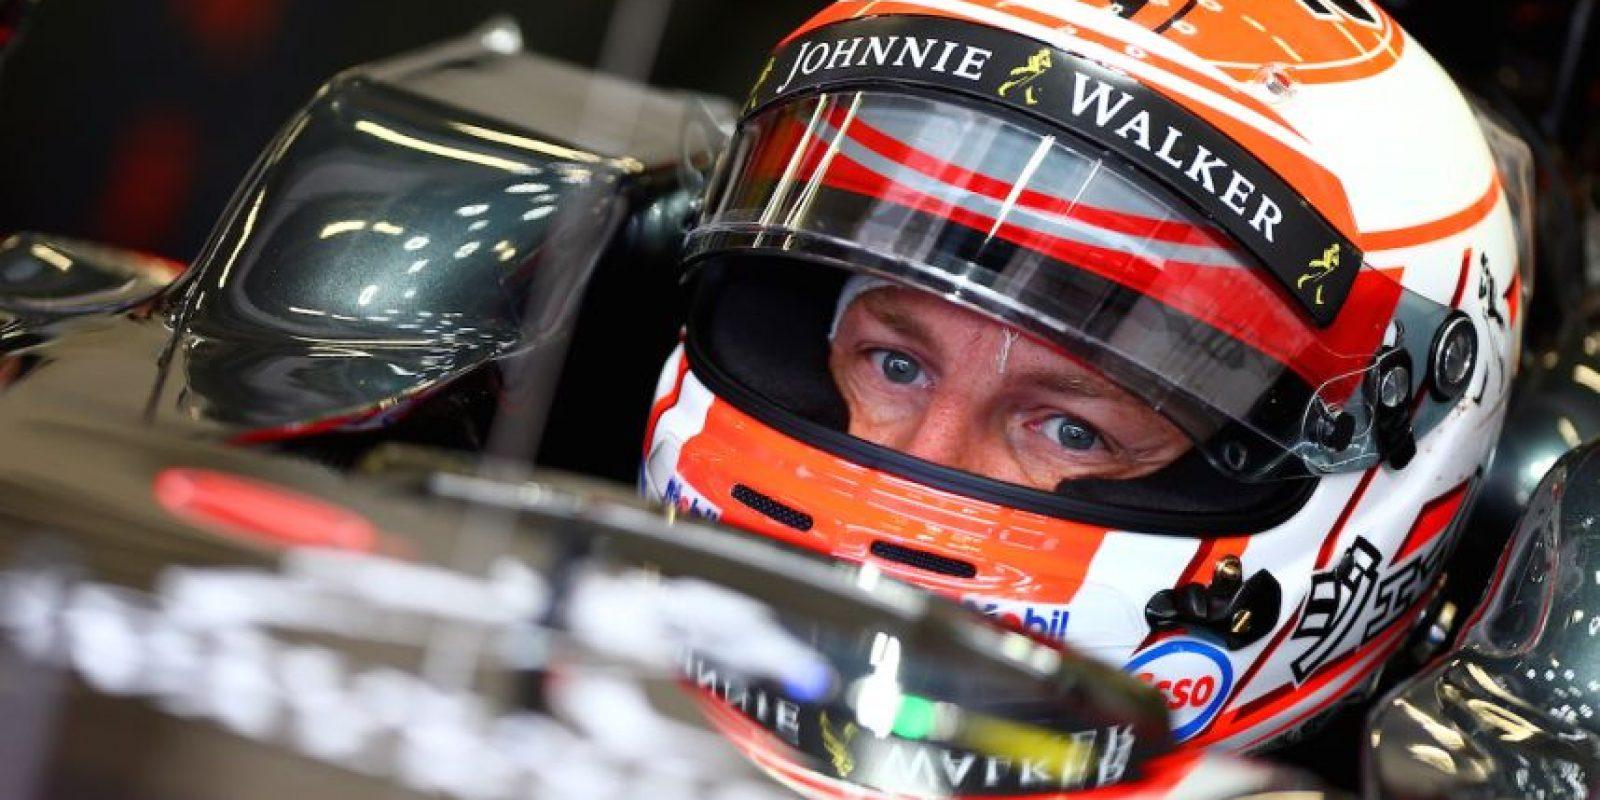 El piloto de Fórmula 1, Jenson Button fue víctima de la delincuencia mientras pasaba sus vacaciones en Francia. Foto:Getty Images